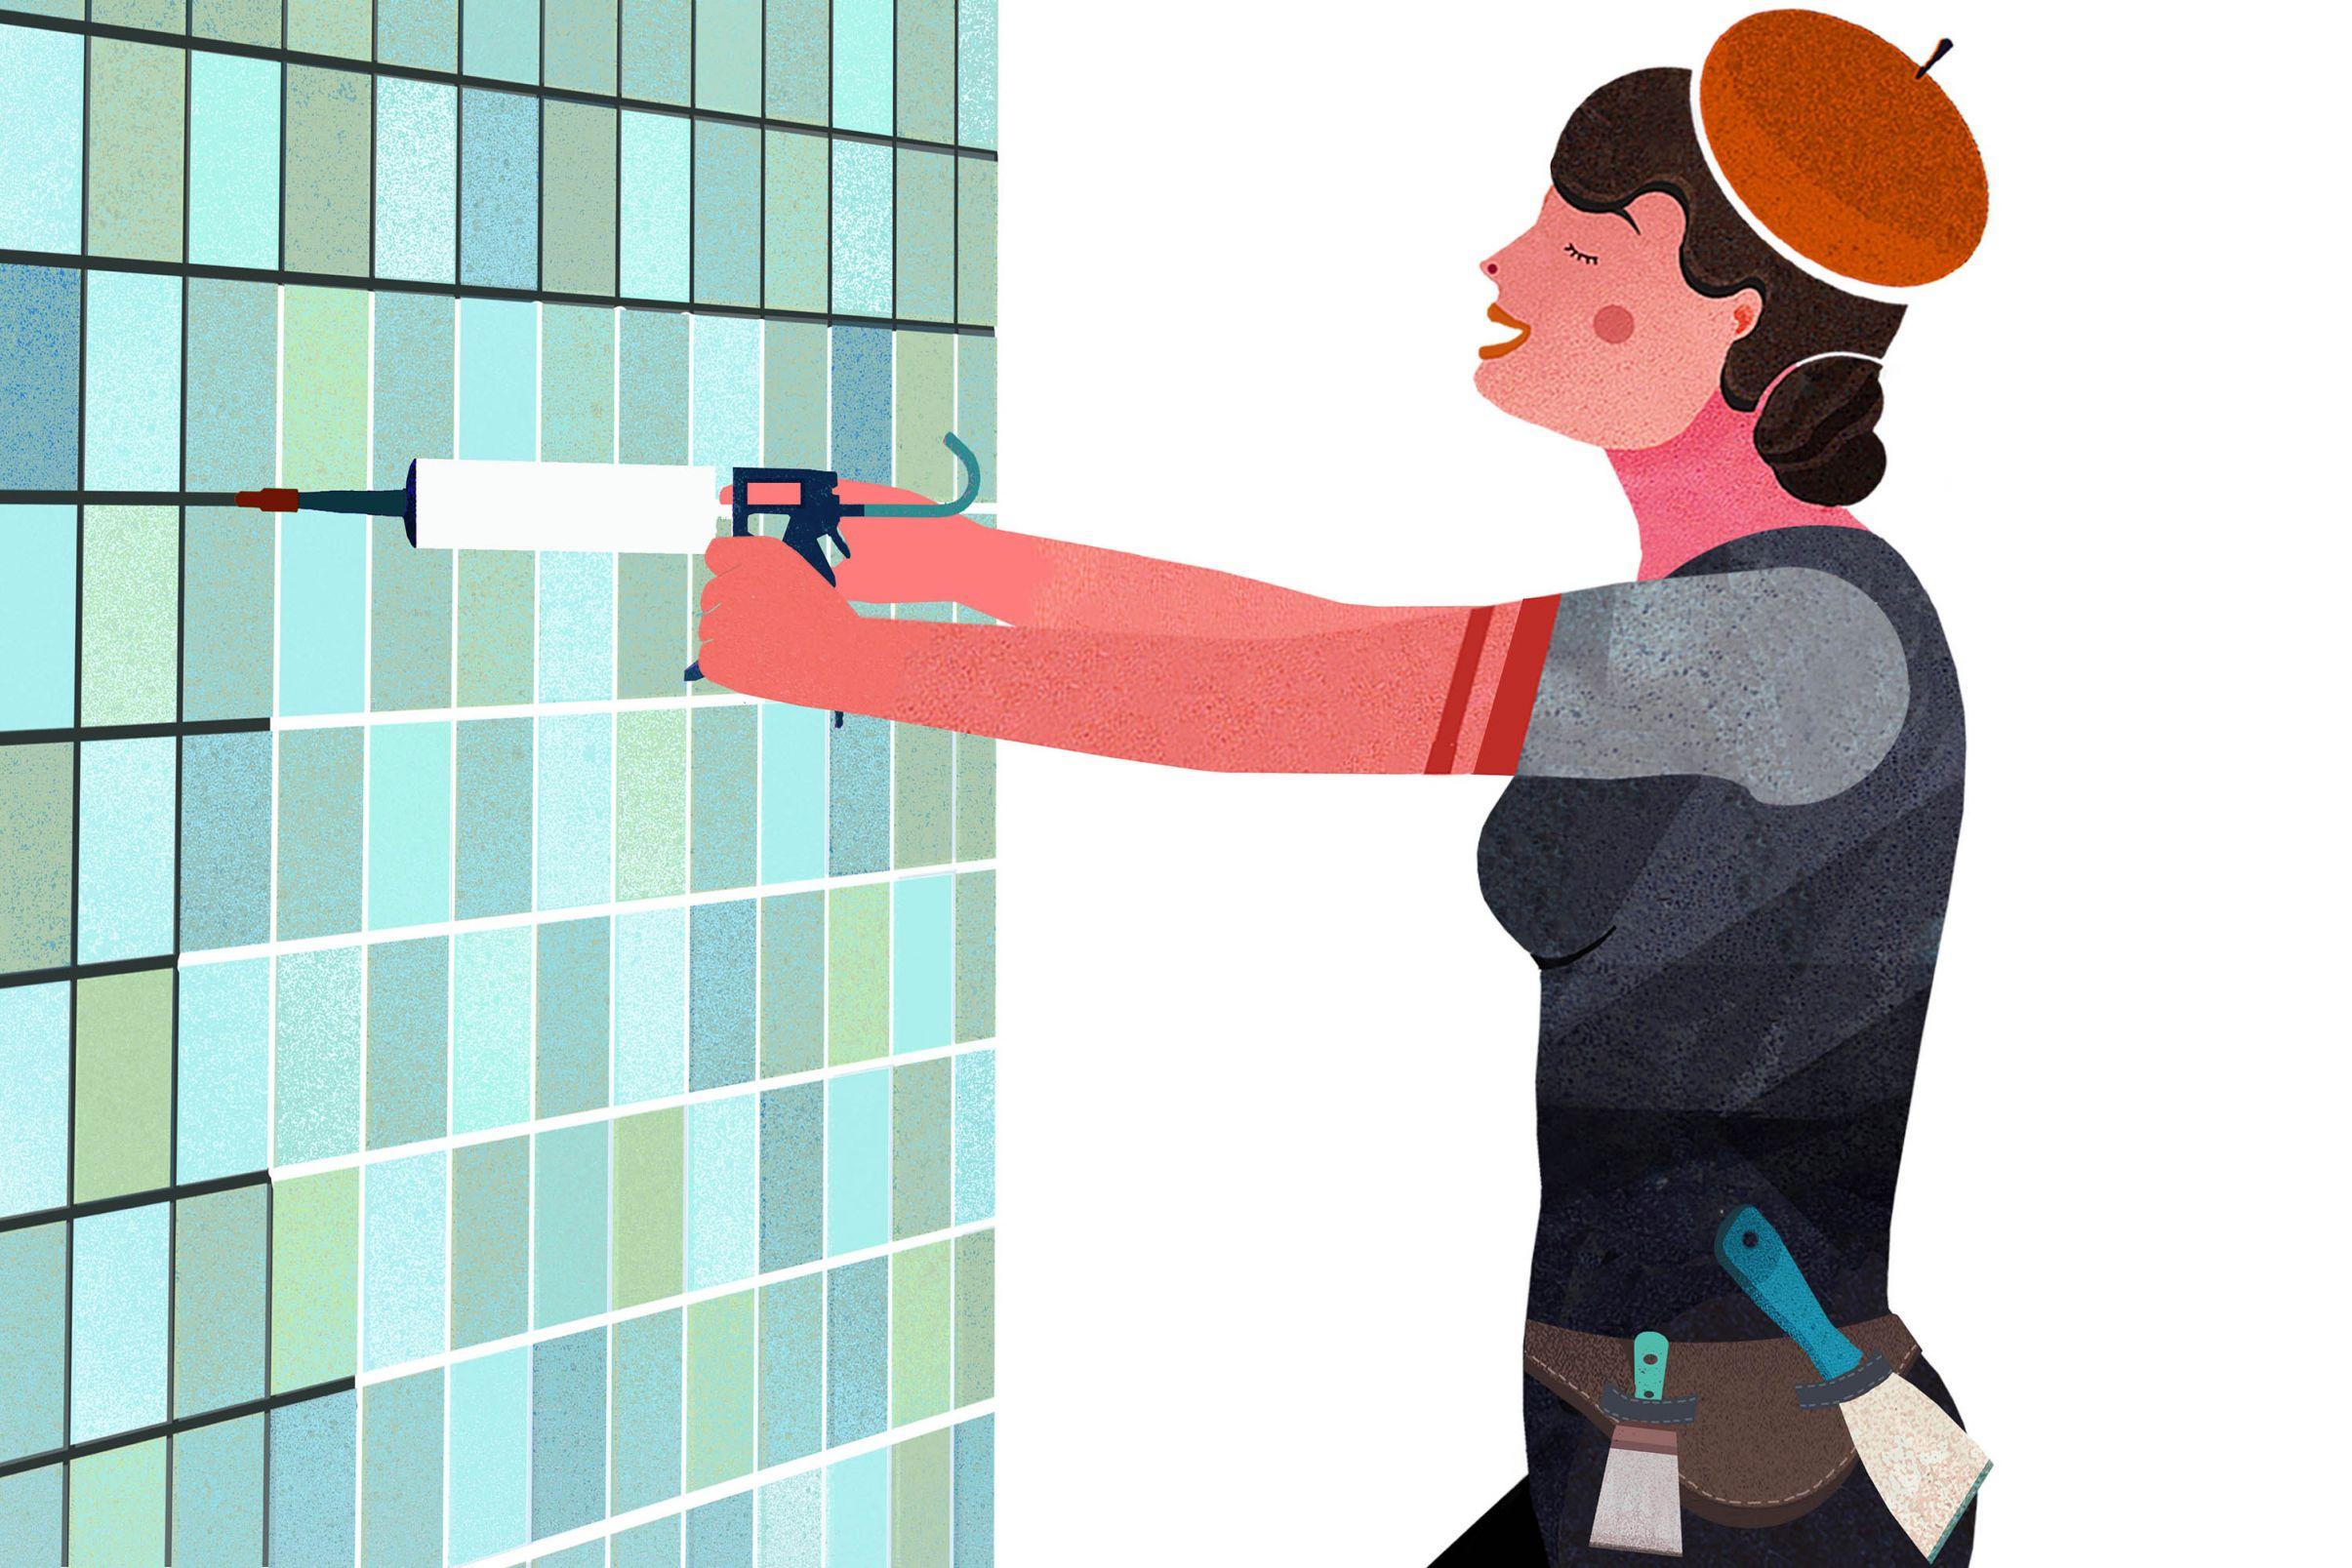 Come-tappezzare-il-bagno-Riempire-le-fughe-livellate-il-materiale-riempitivo-e-carteggiare-con-carta-vetrata